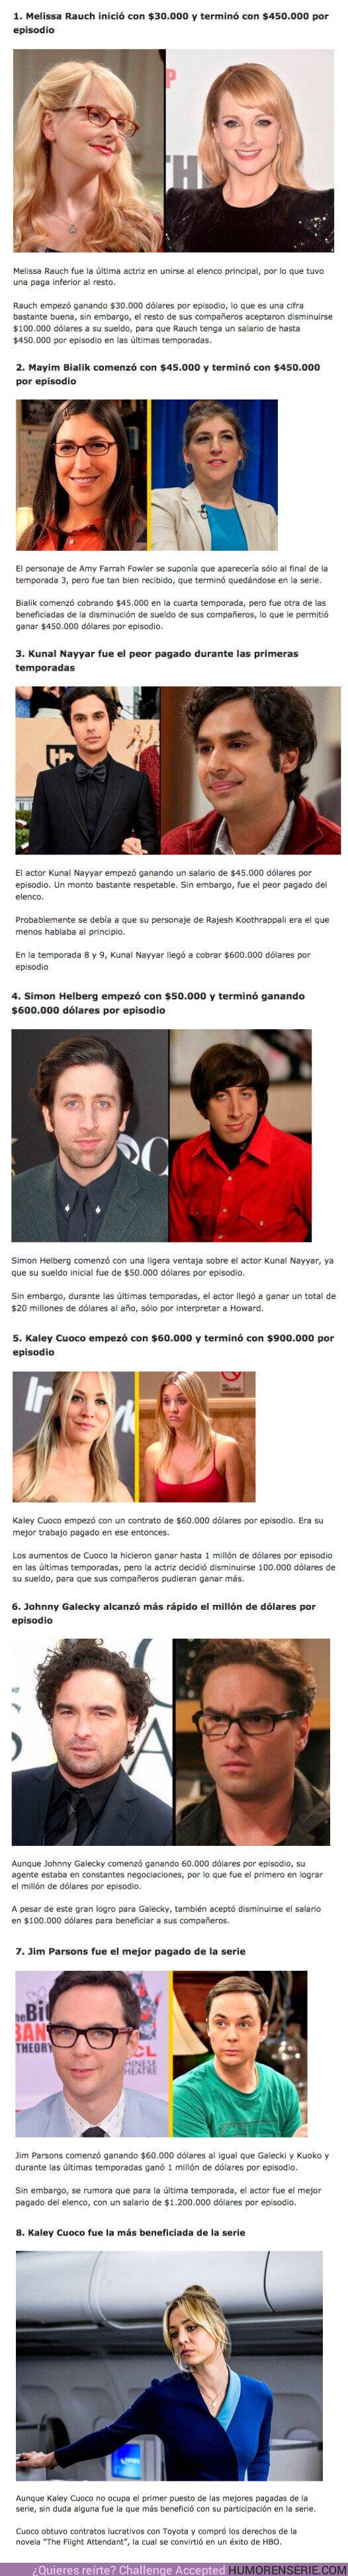 81268 - GALERÍA: Estos fueron los 8 Actores Mejor y Peor pagados de The Big Bang Theory